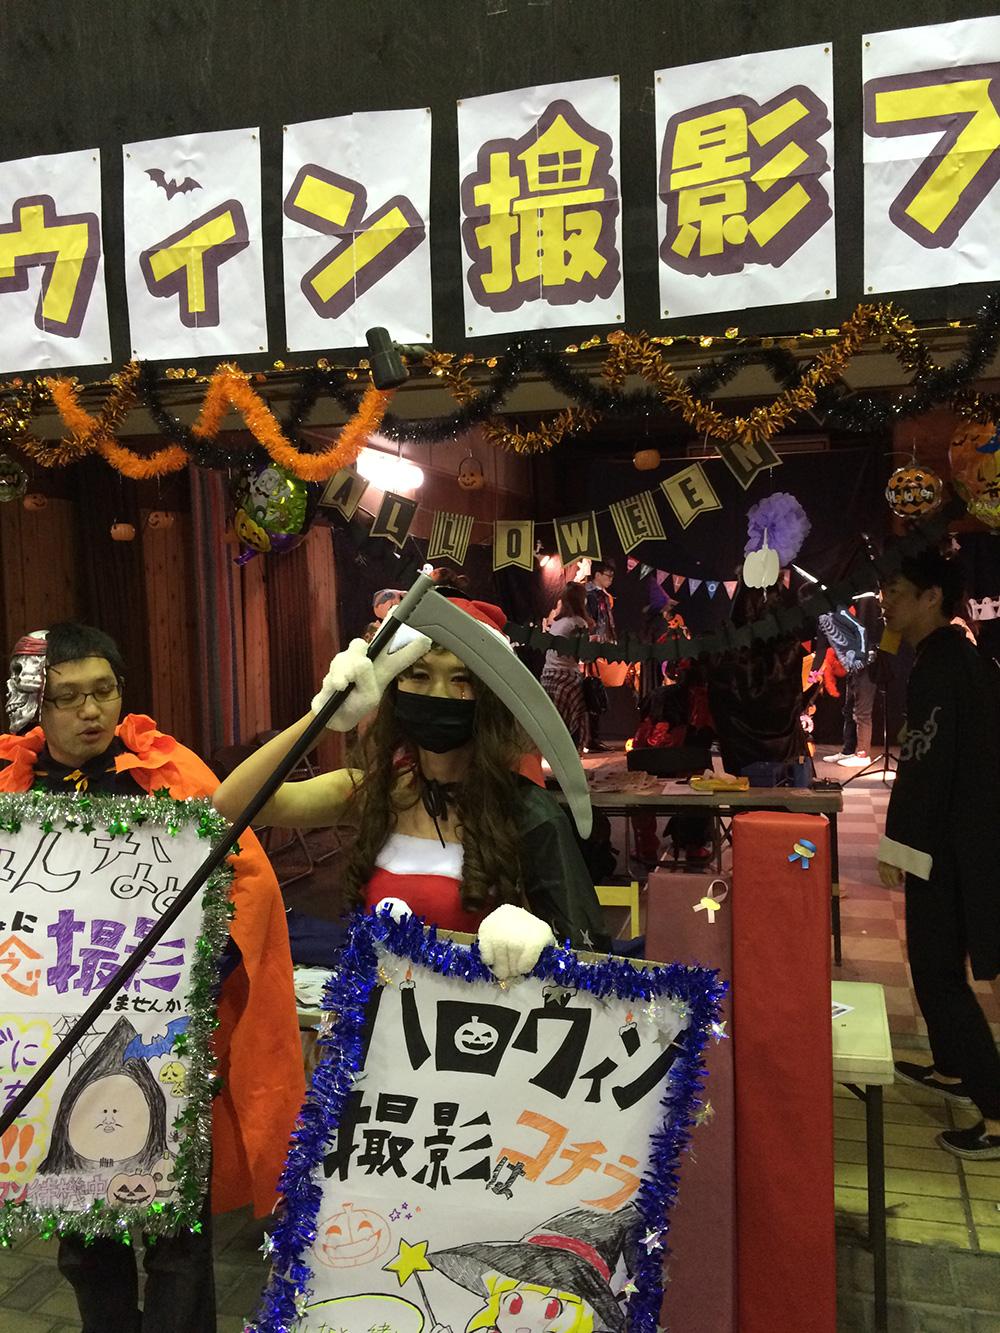 久留米ほとめきハロウィンパーティーでゆらふわモックを展示